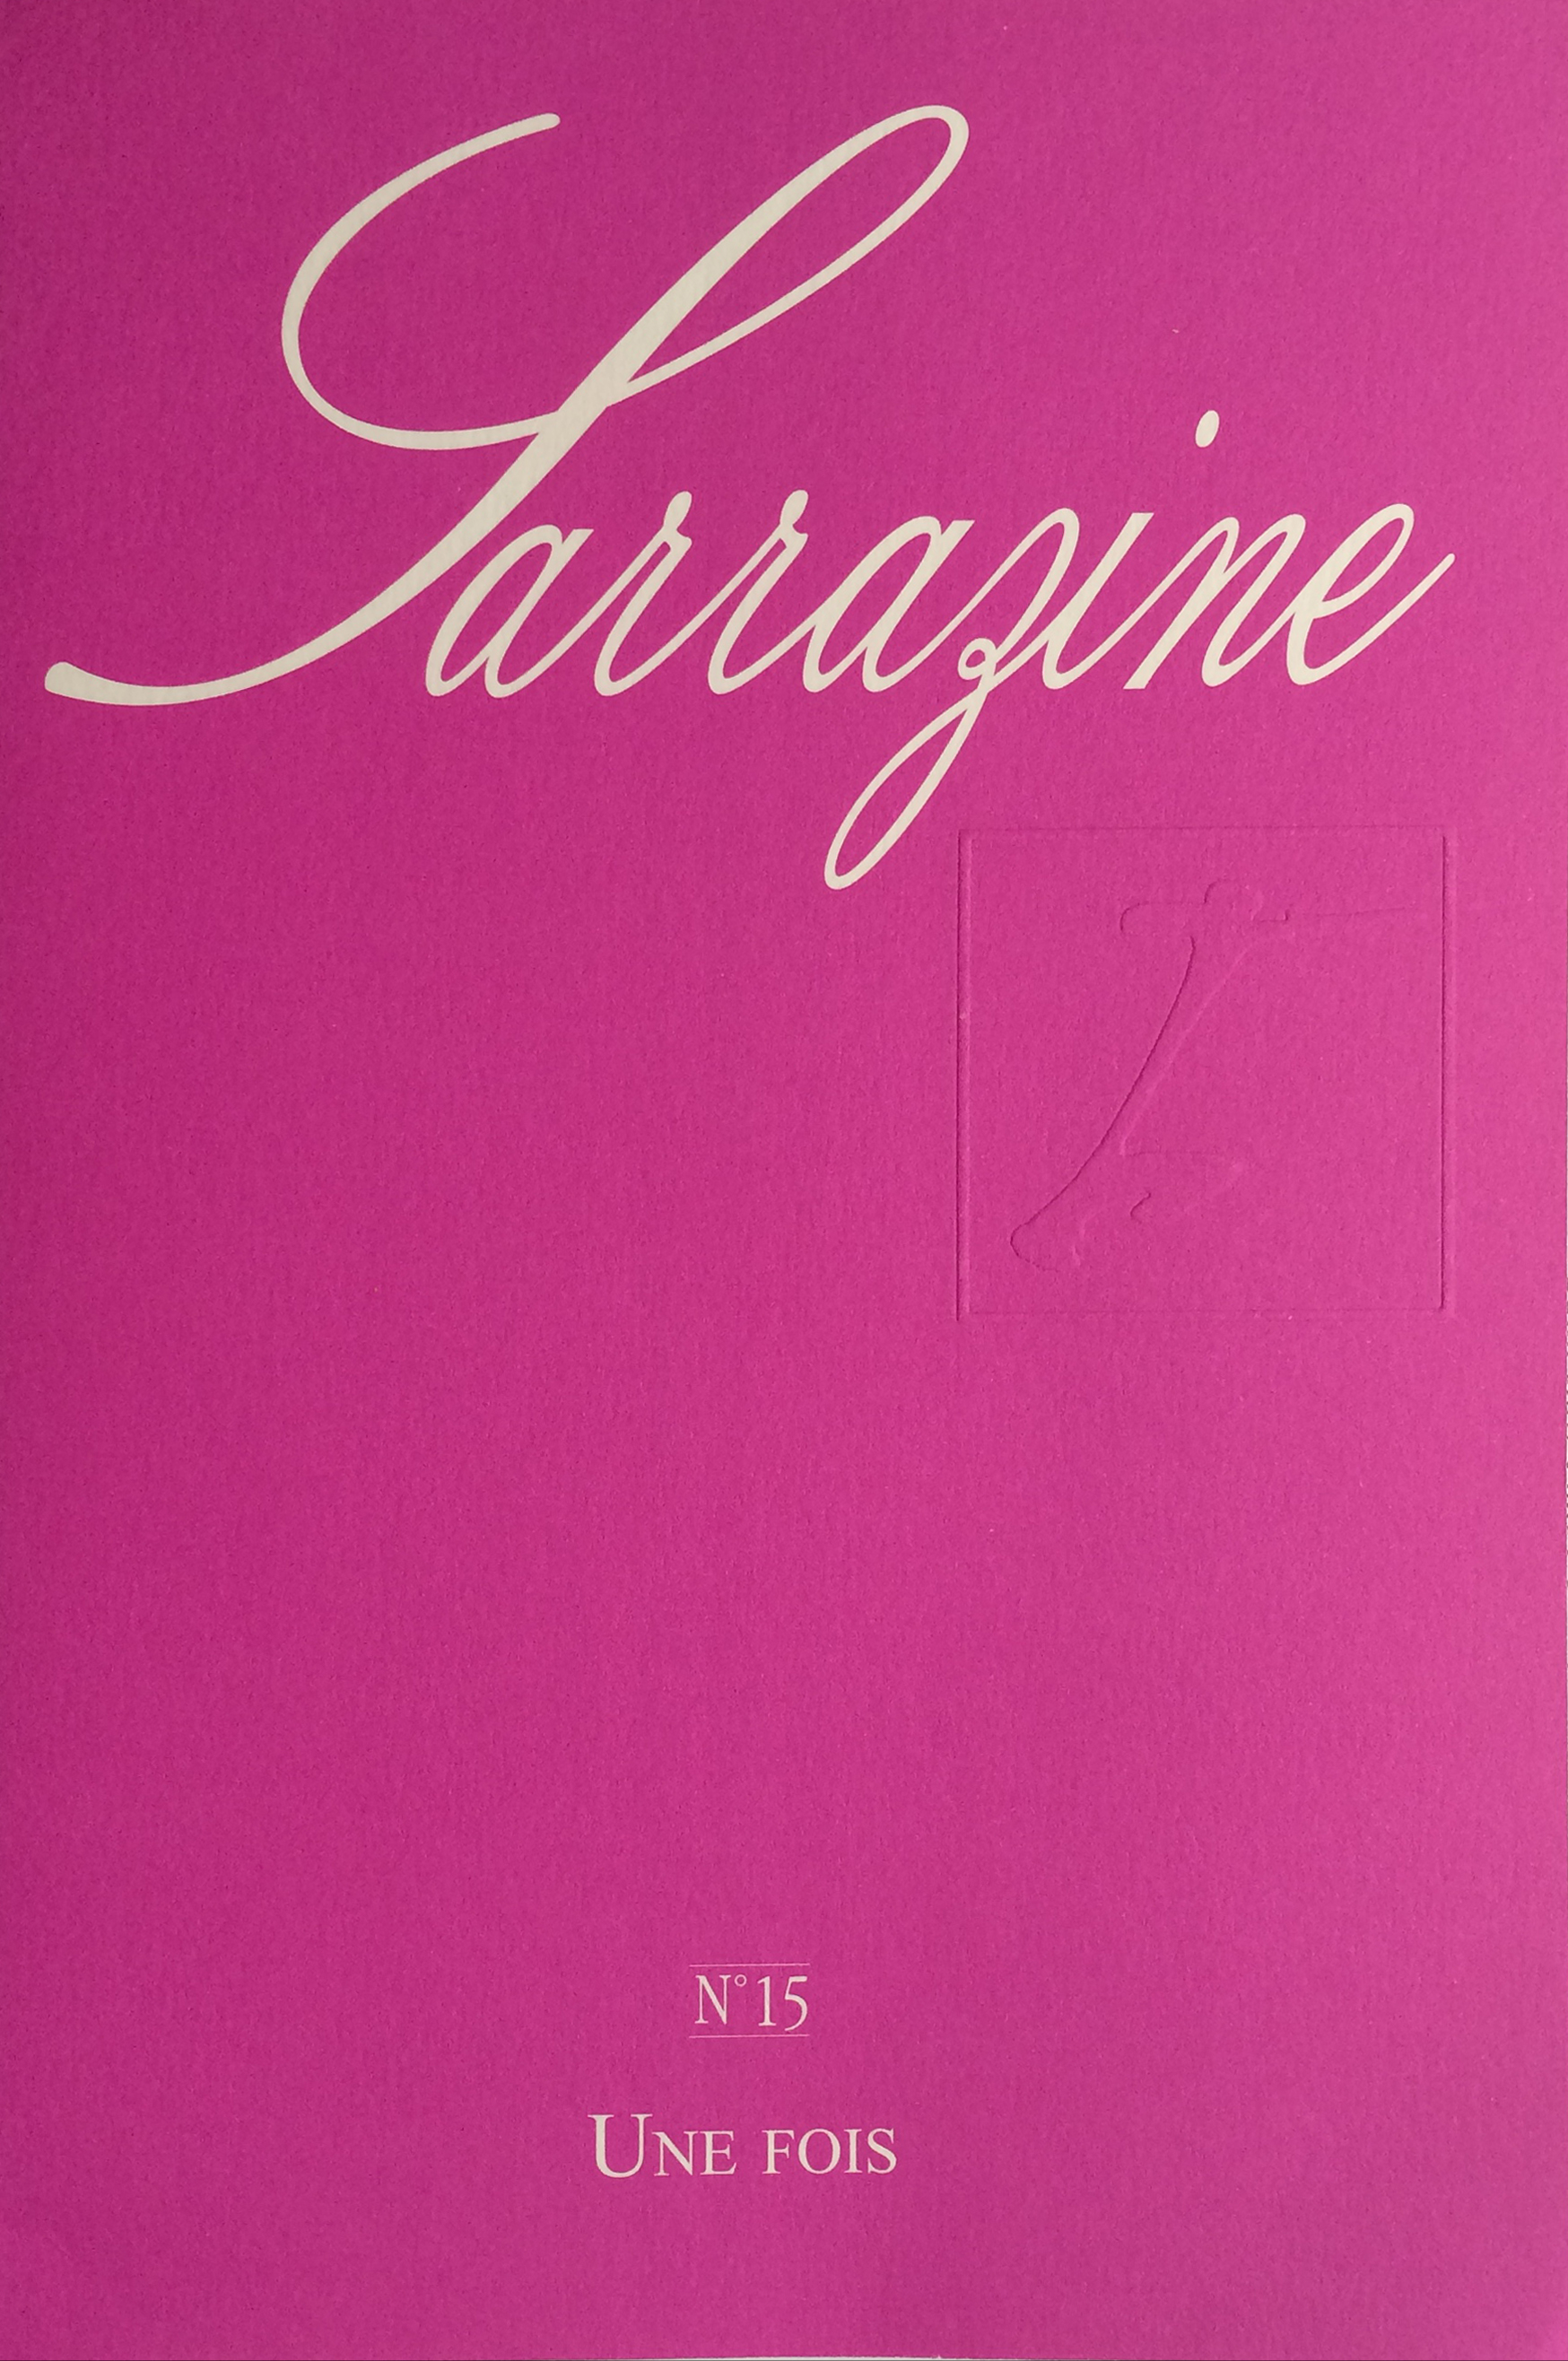 """""""Louise Bourgeois"""": Portes Ouvertes"""""""